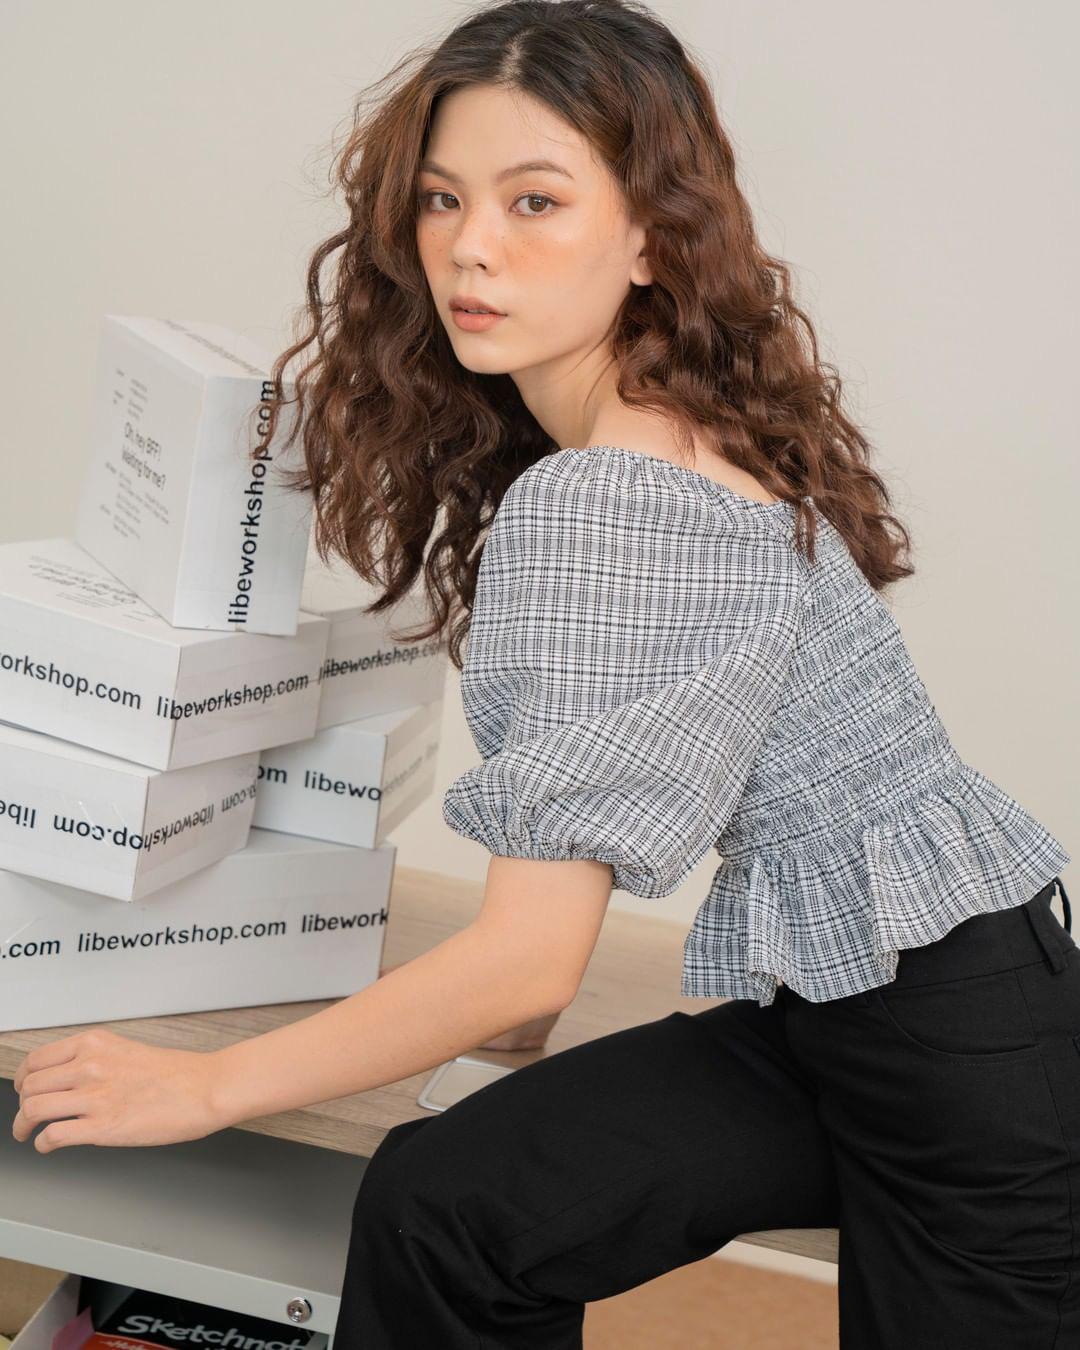 Áo blouse nhấn eo đã hack dáng còn mix được 5 kiểu khác nhau, bảo sao nàng nào cũng muốn sắm vài ba chiếc - Ảnh 21.